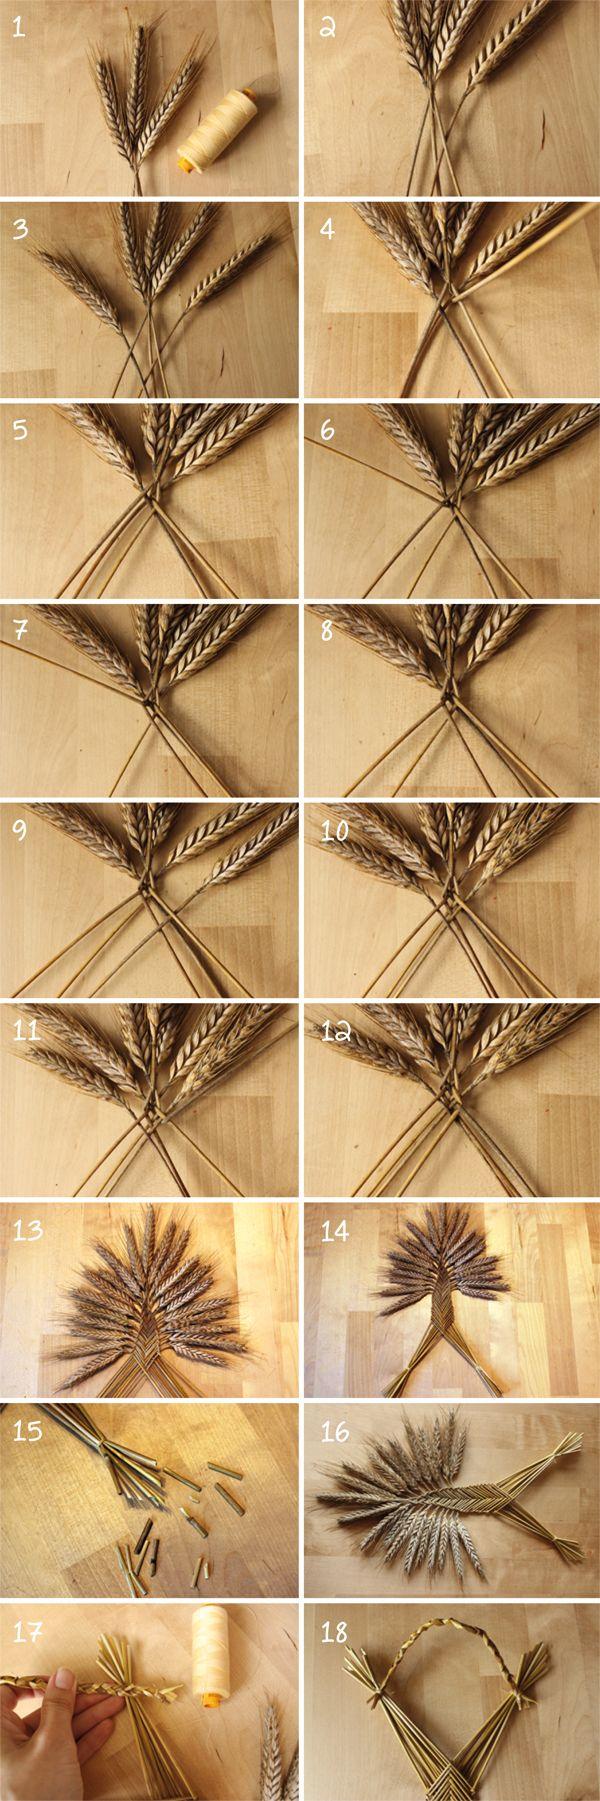 Straw Weaving   Welsh Border Fan